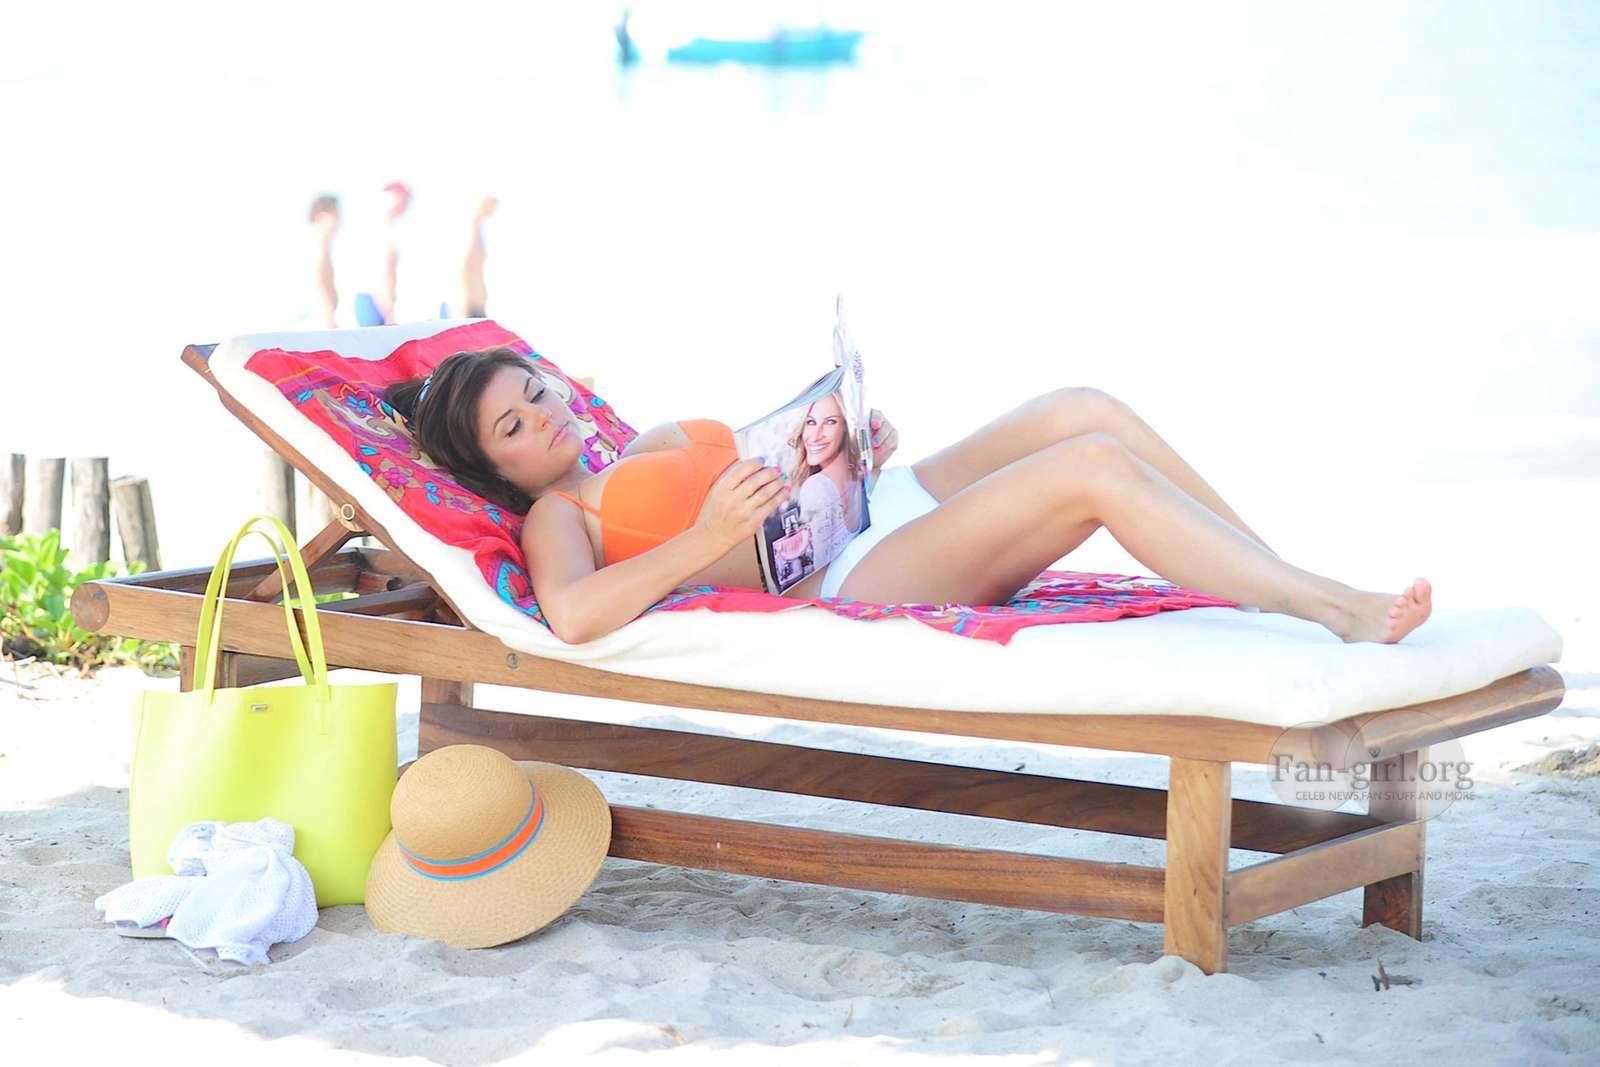 Tiffani thiessen bikini